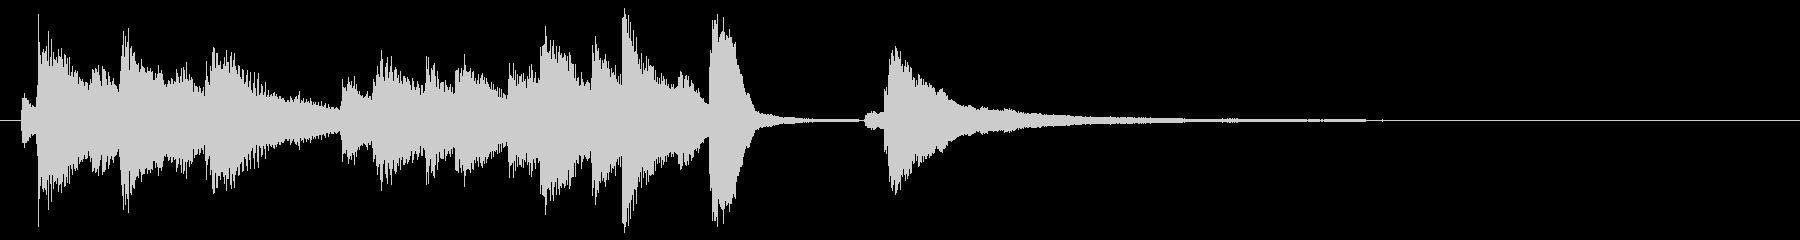 切ないメロディのピアノソロジングルの未再生の波形